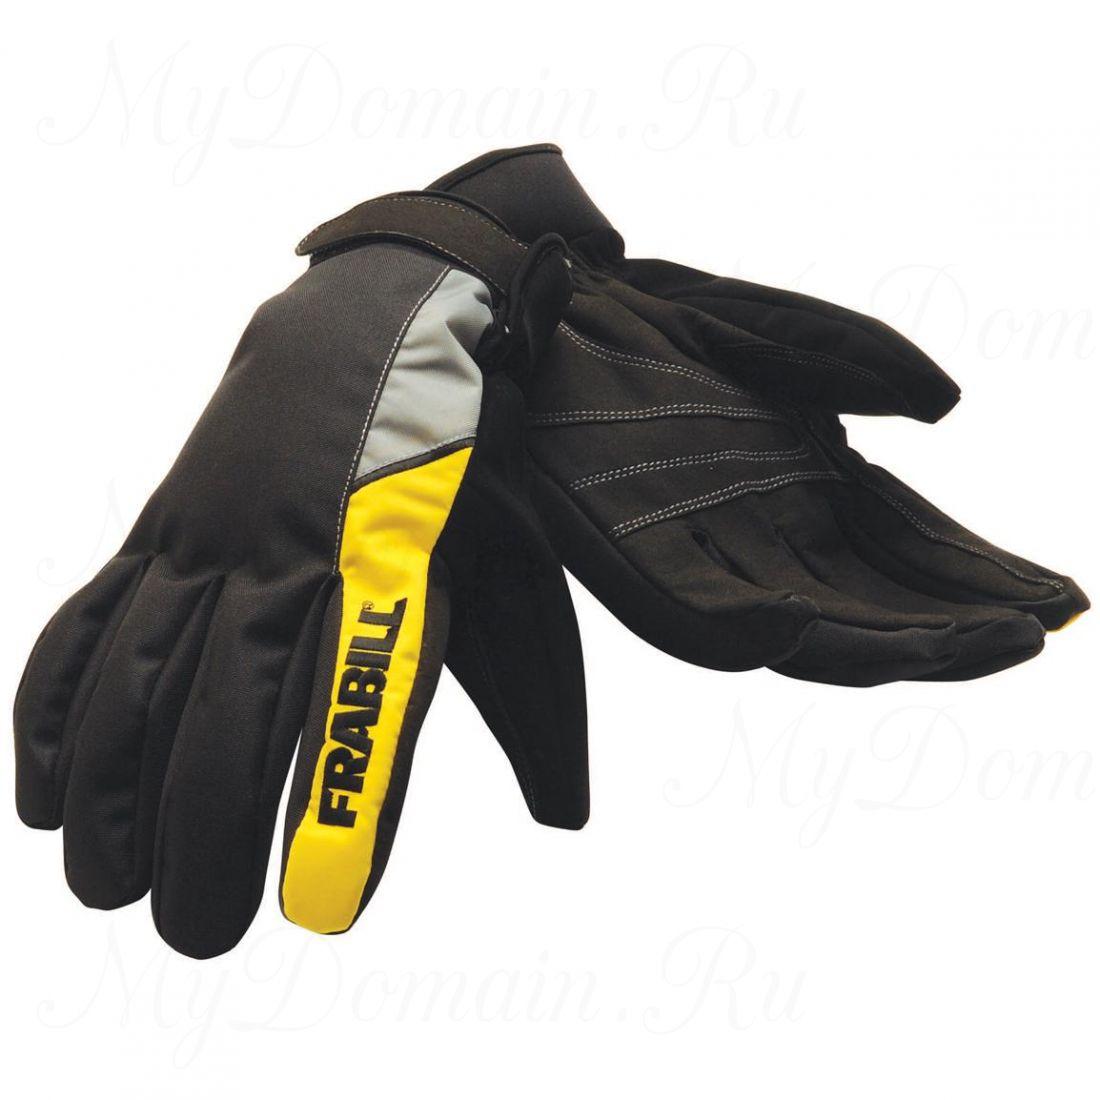 Перчатки Frabill Task Glove водо/ветрозащитные дышащие черные размер M